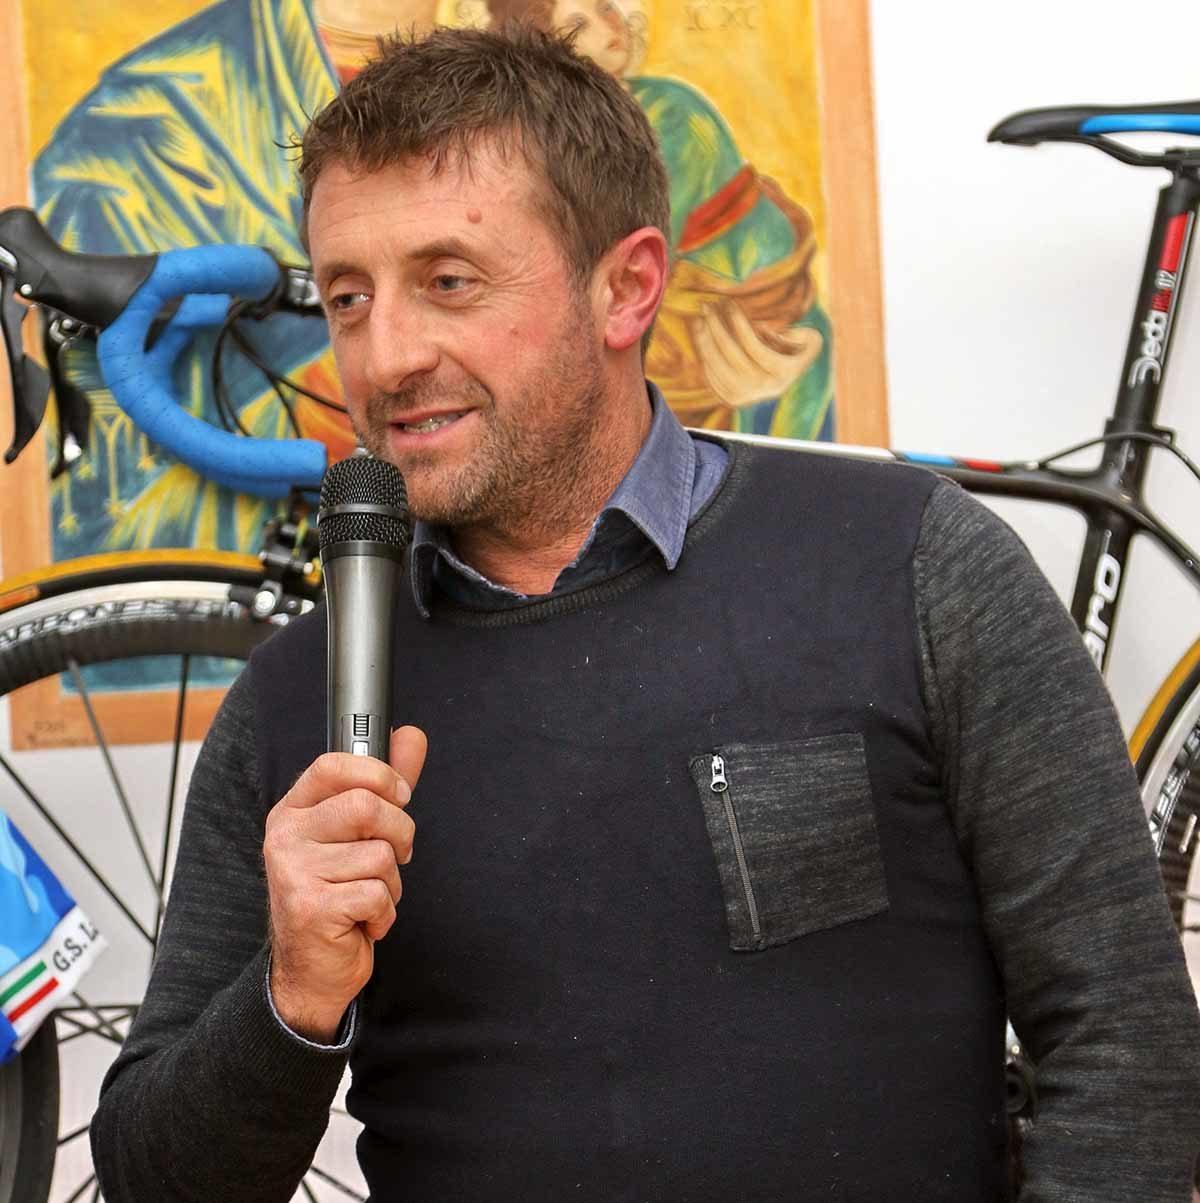 L'organizzatore Maurizio Petrucci (foto Photobicicailotto)